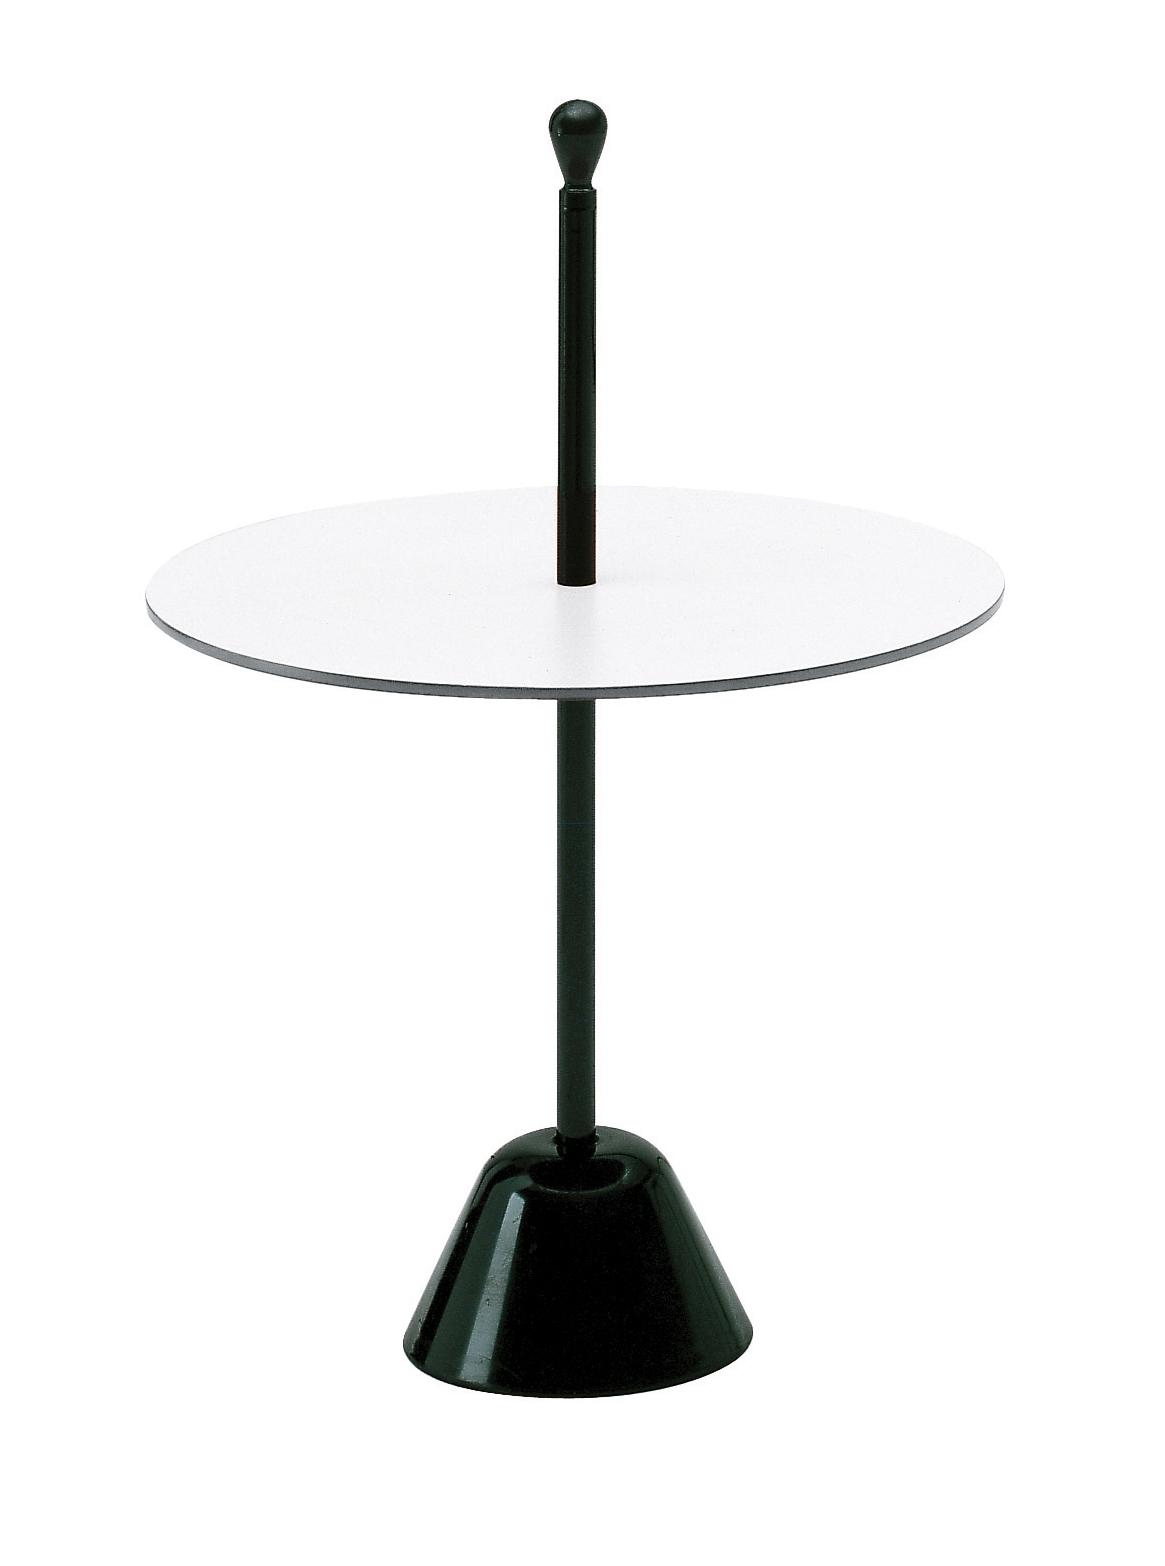 Servomuto, design di/by Achille Castiglioni per/for Zanotta, 1974.